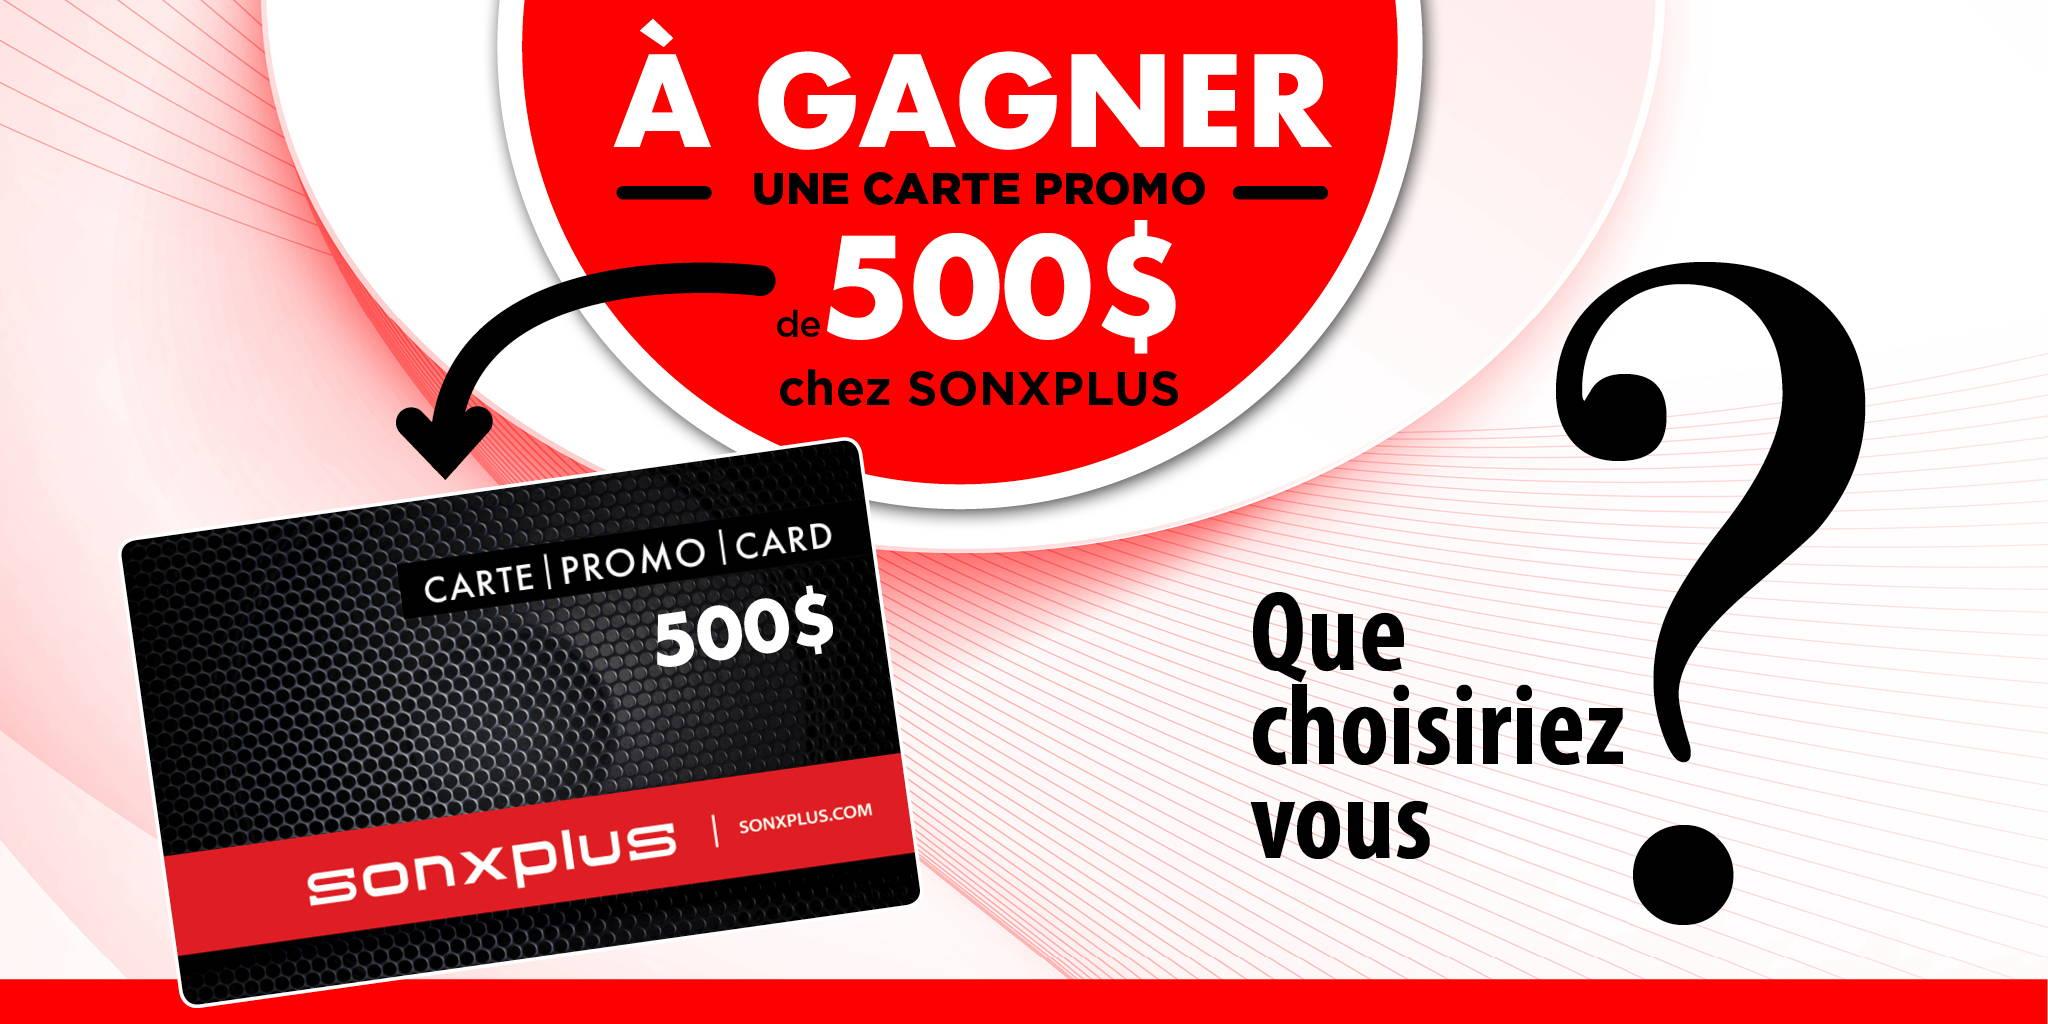 Gagner une carte promo de 500 $ chez SONXPLUS